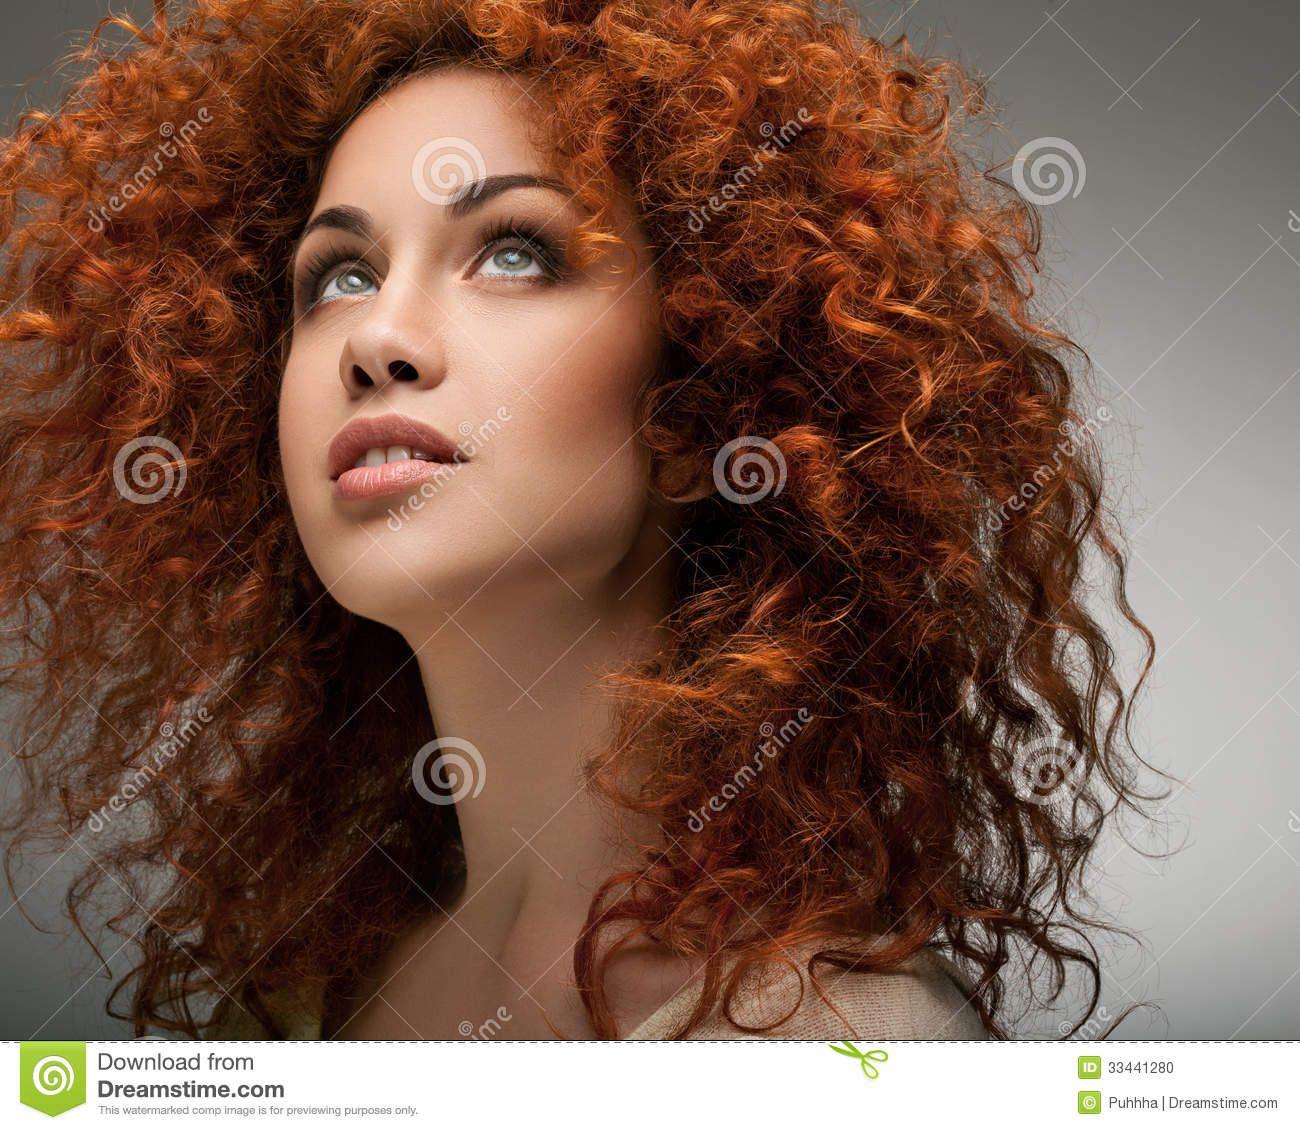 thumbs.dreamstime z capelli-rossi-bella-donna-con-capelli-lunghi